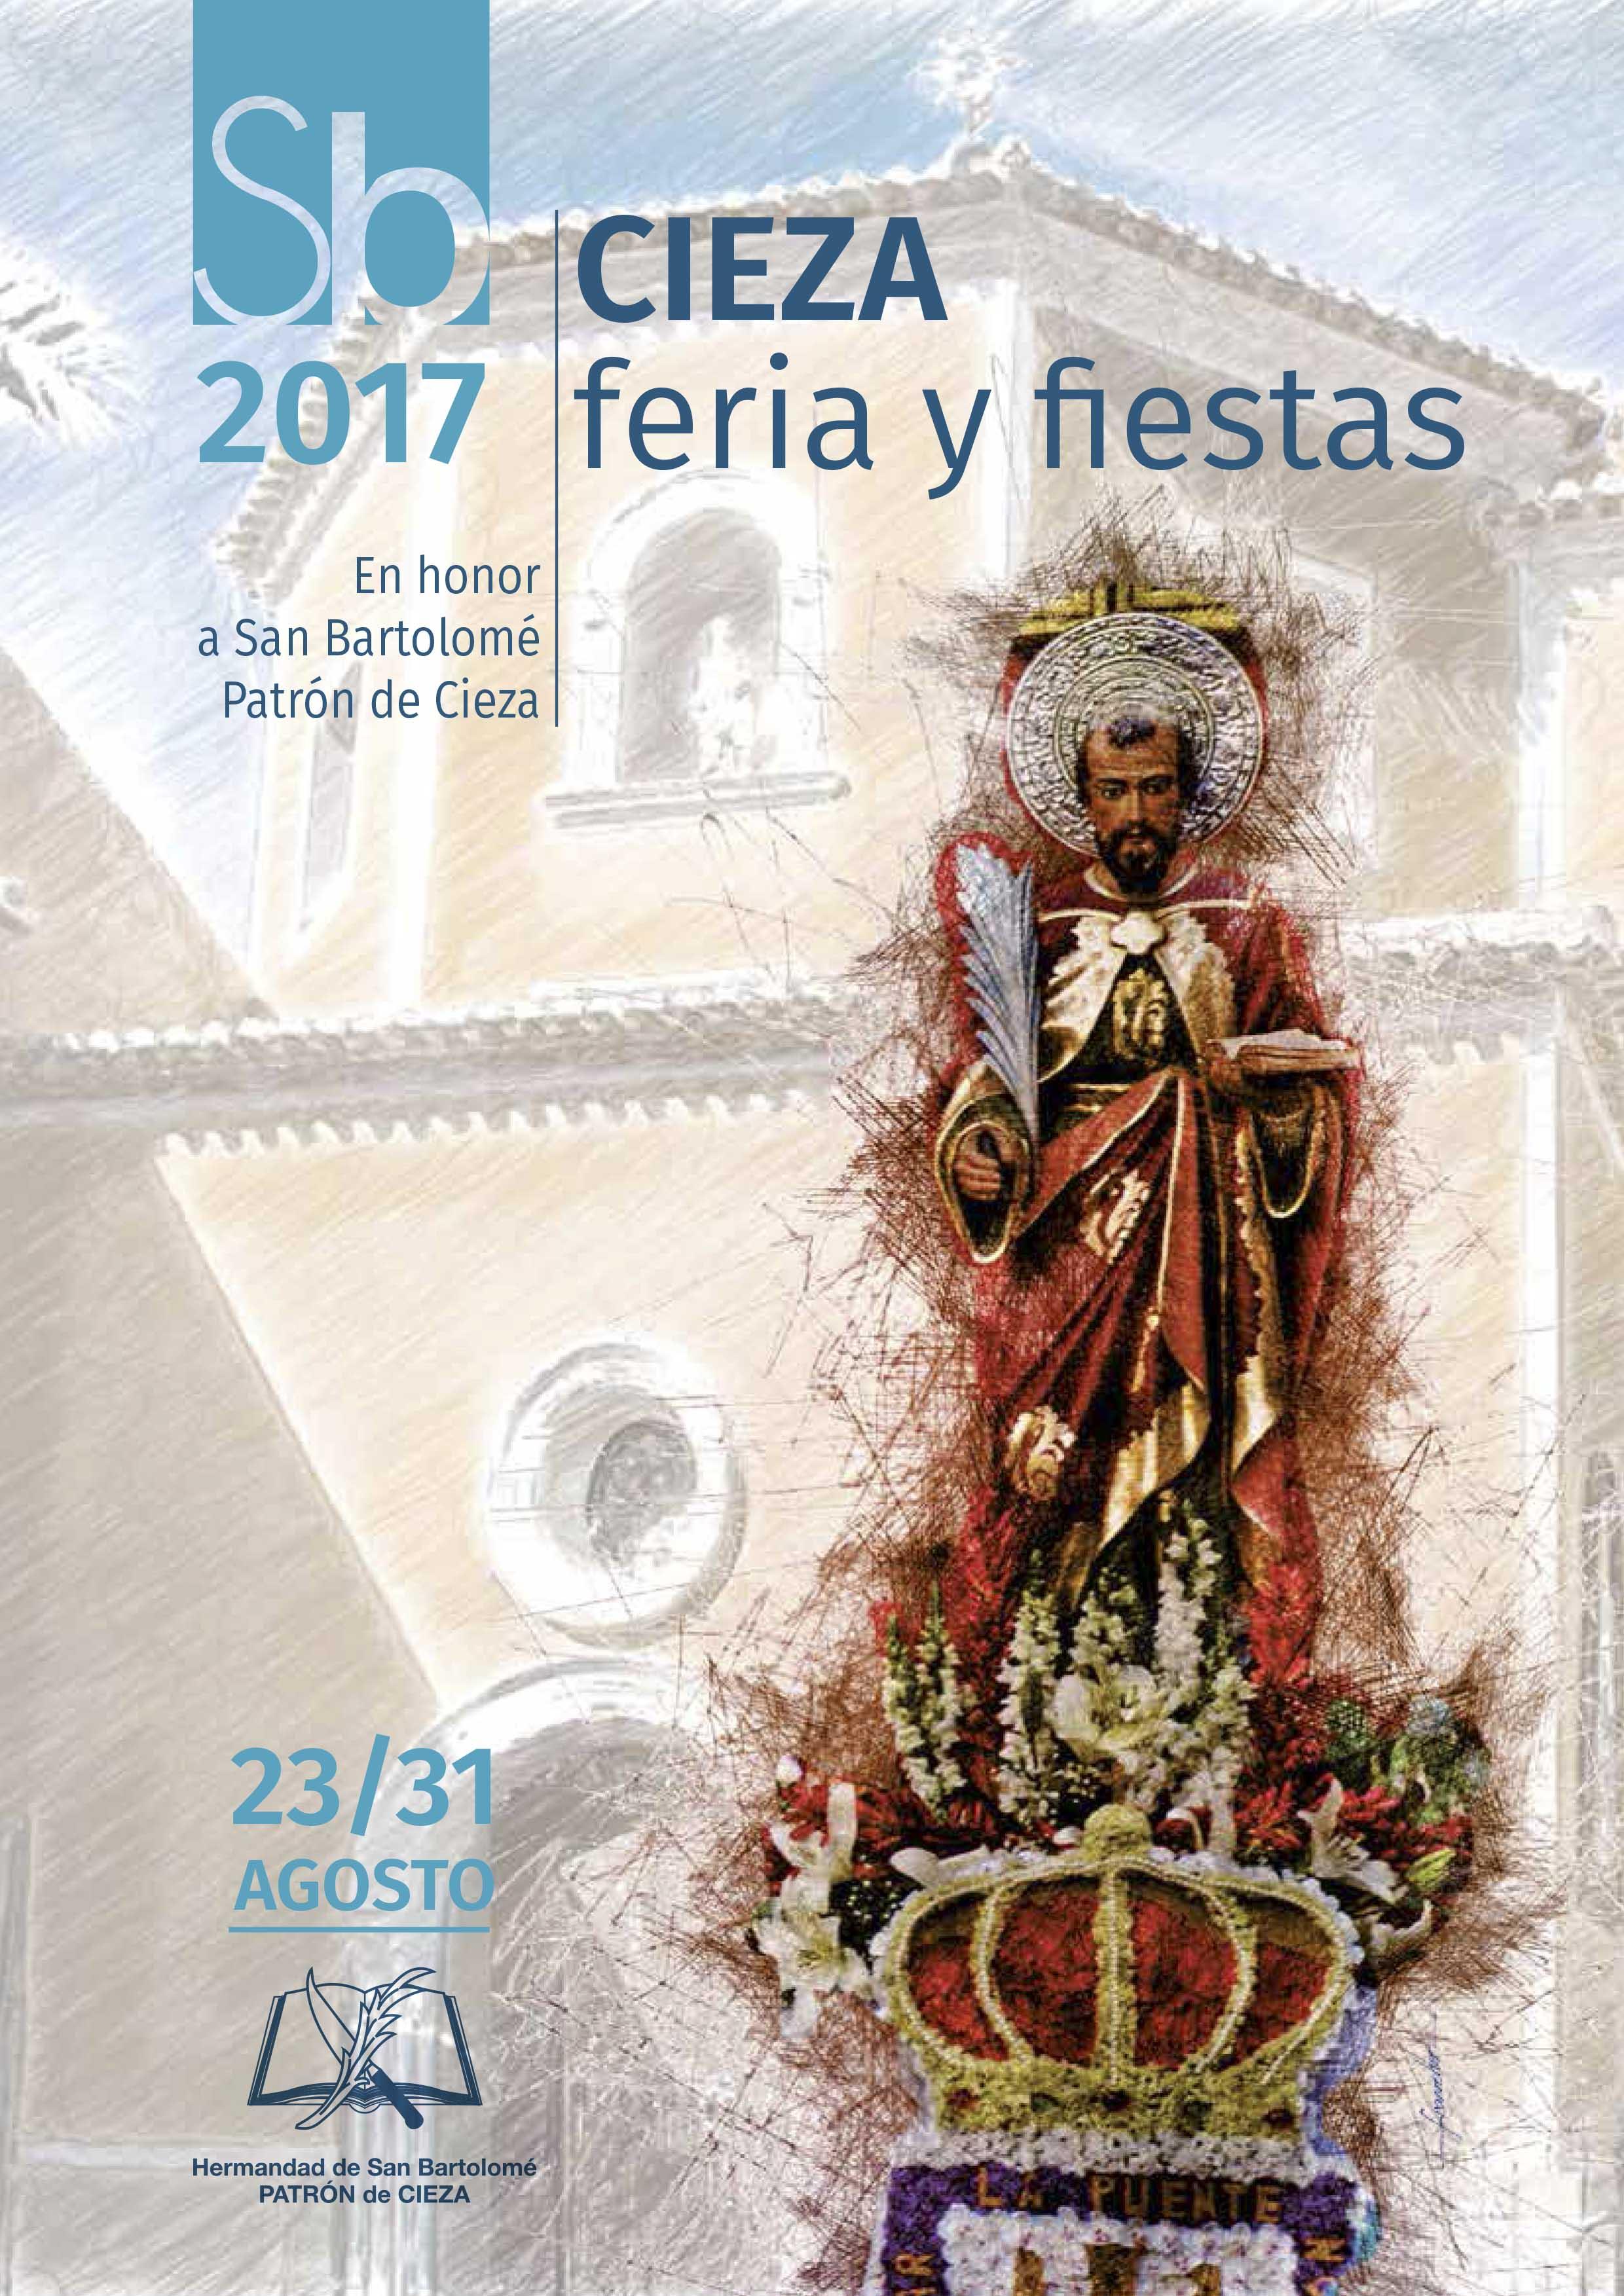 Descarga la Revista de la Feria y Fiestas en Honor a San Bartolome 2017